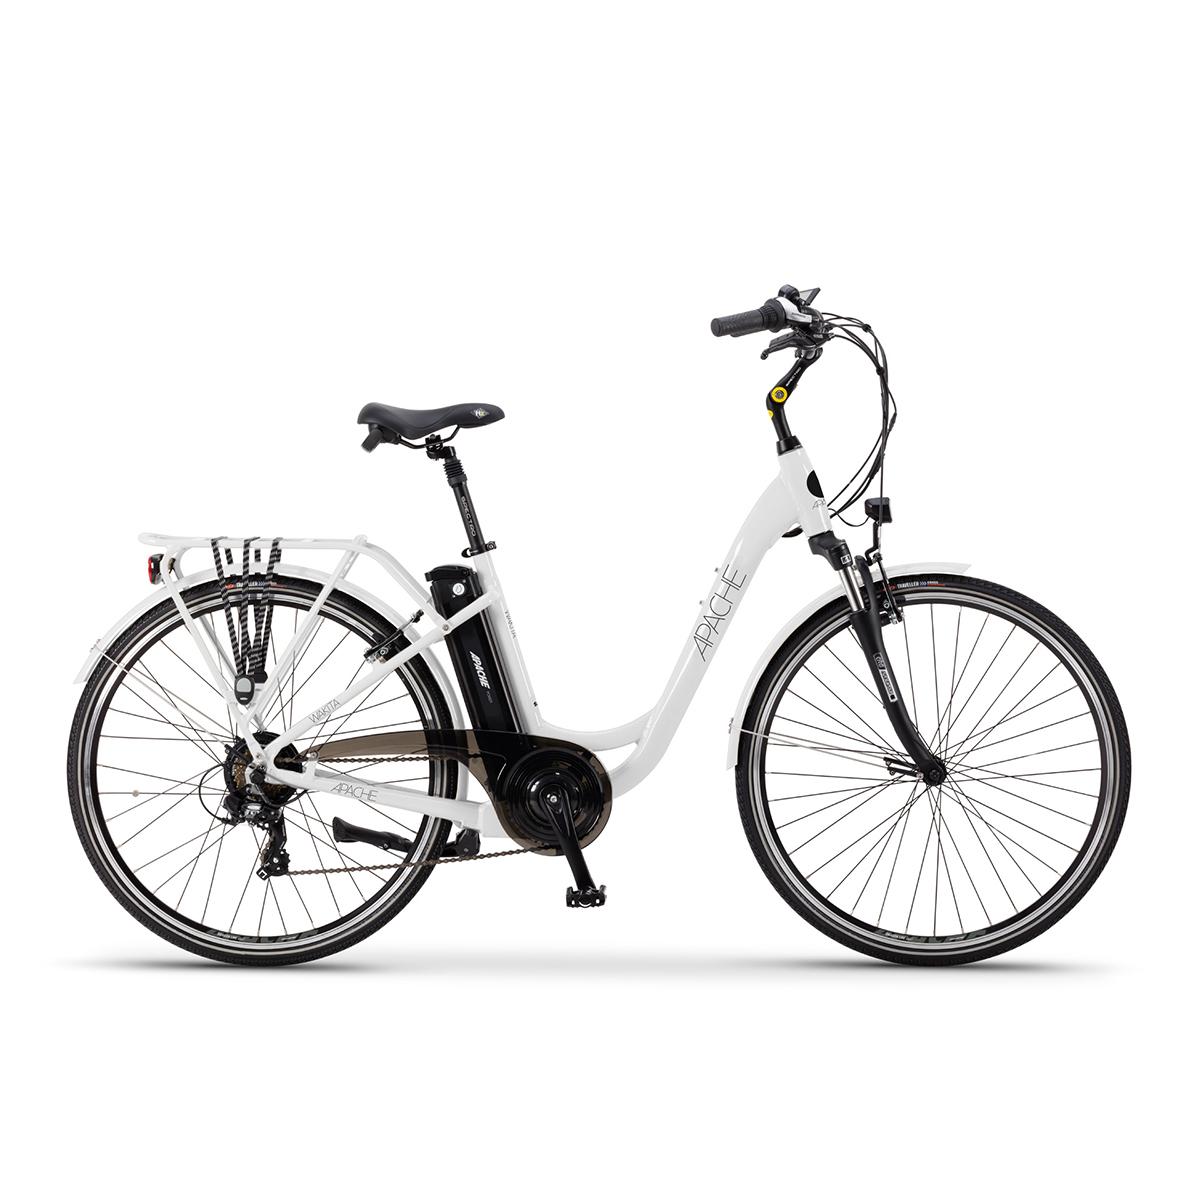 Ηλεκτρικο ποδηλατο πόλης